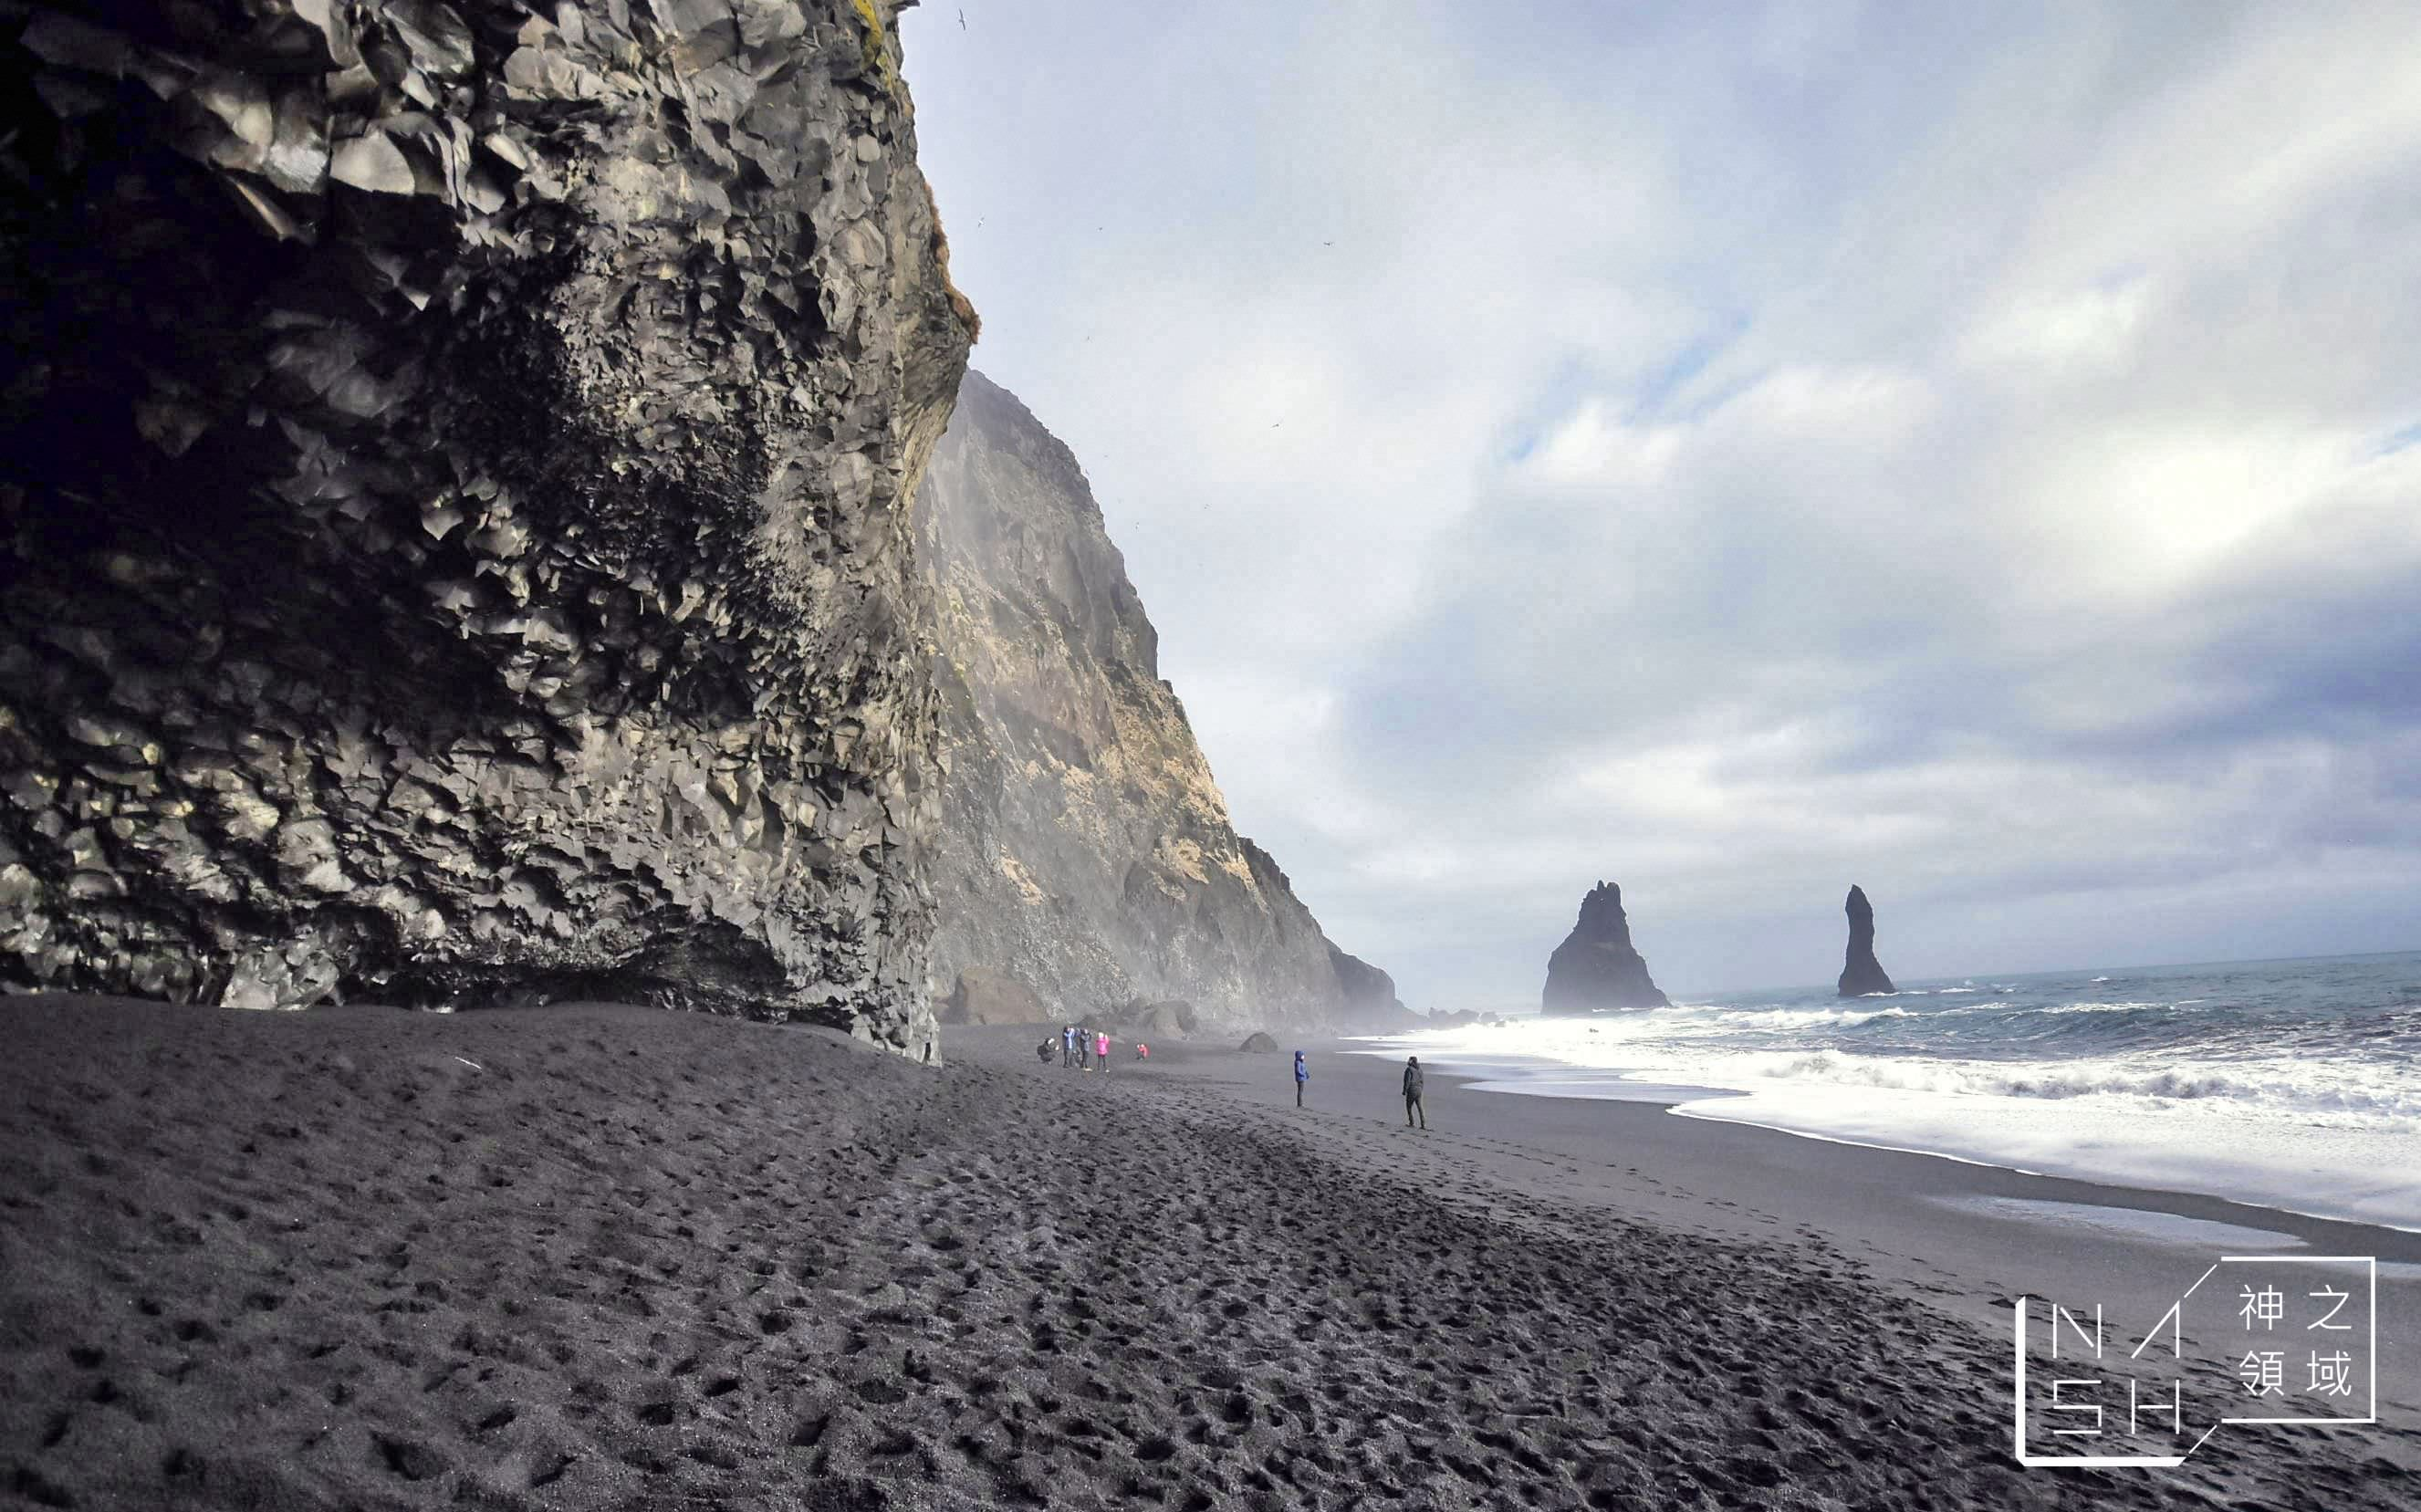 冰島自由行環島景點推薦,冰島自助景點推薦,黑沙灘,Reynisfjara Beach @Nash,神之領域